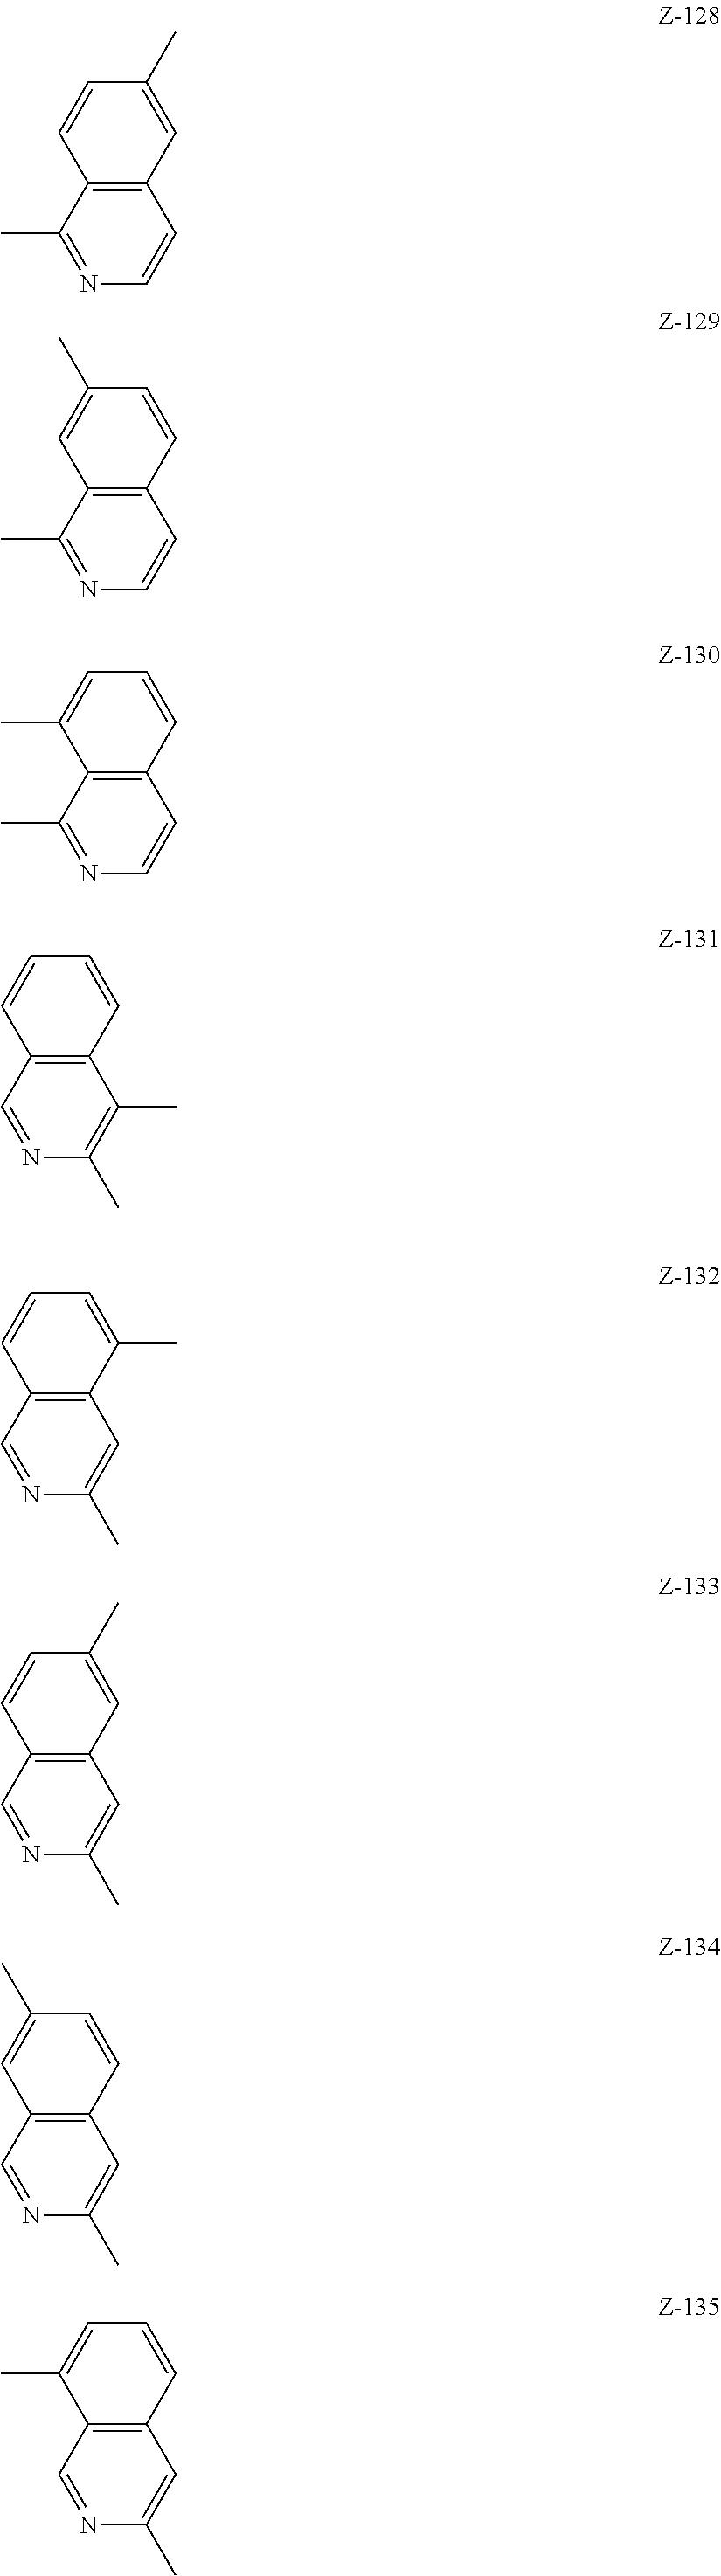 Figure US20110215312A1-20110908-C00045